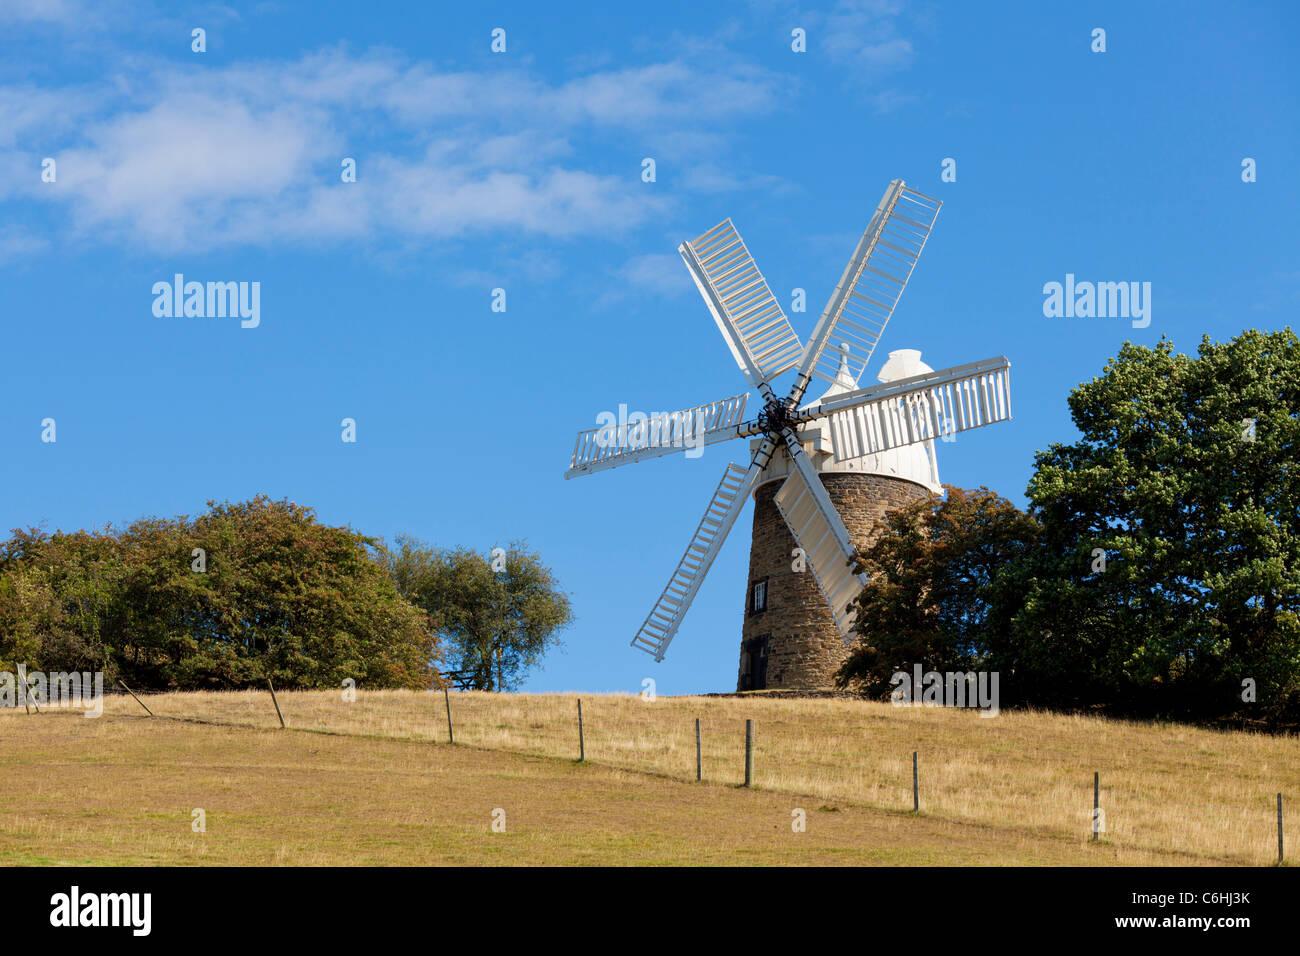 Heage Windmühle, eine sechs Stein gesegelt, Windmühle Heage Dorf Derbyshire England uk gb EU-Europa Stockbild